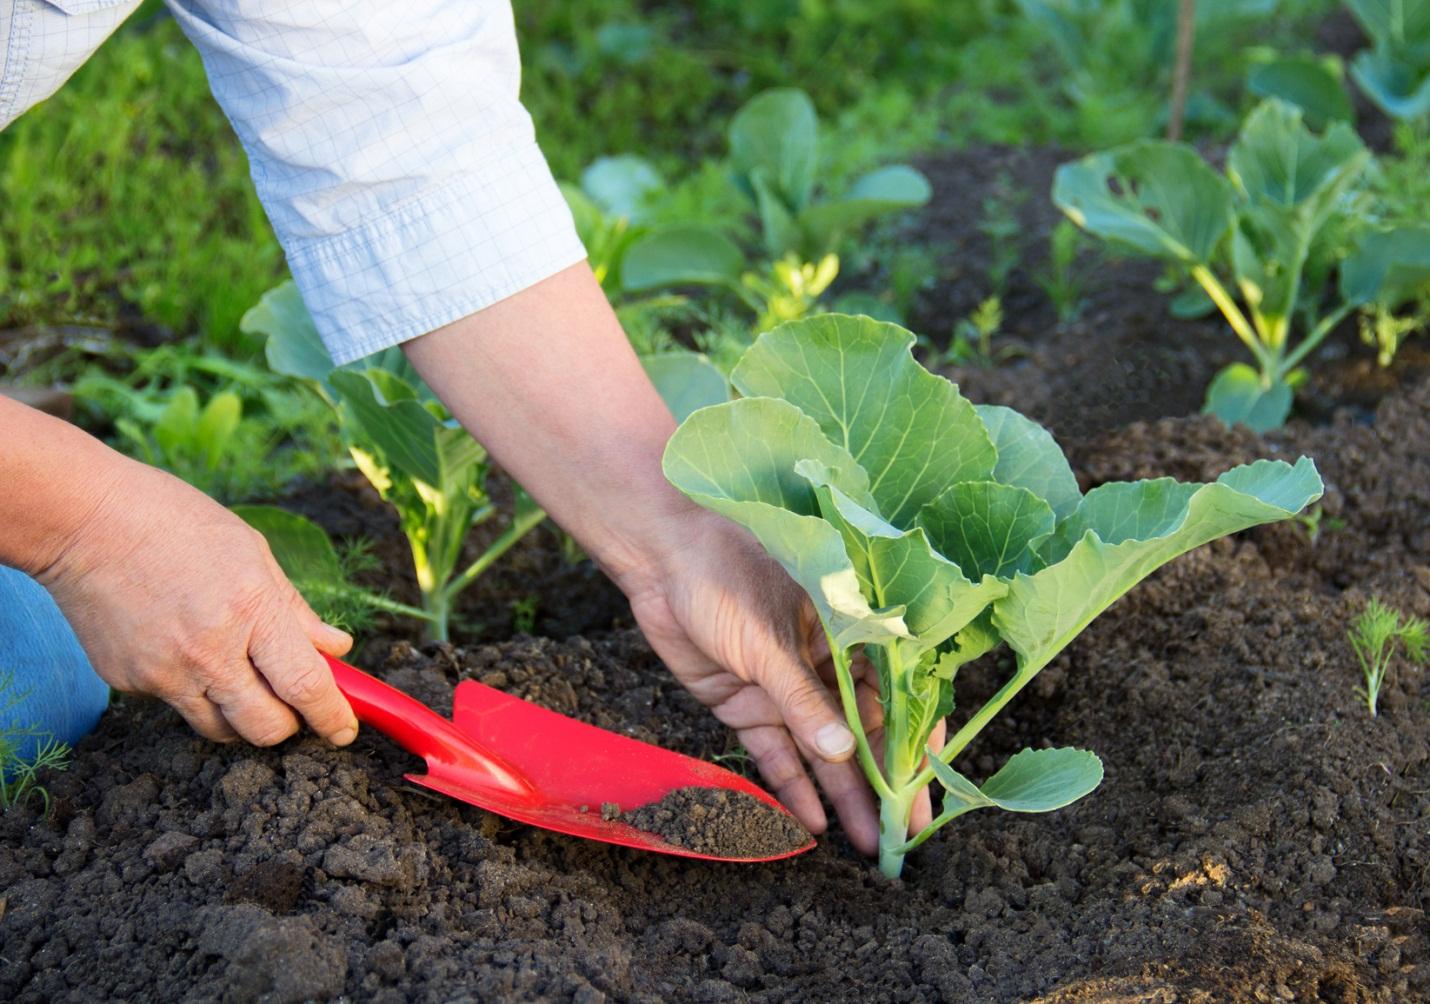 10 loại rau thích hợp để bạn có thể trồng vào tháng 4  - Ảnh 8.